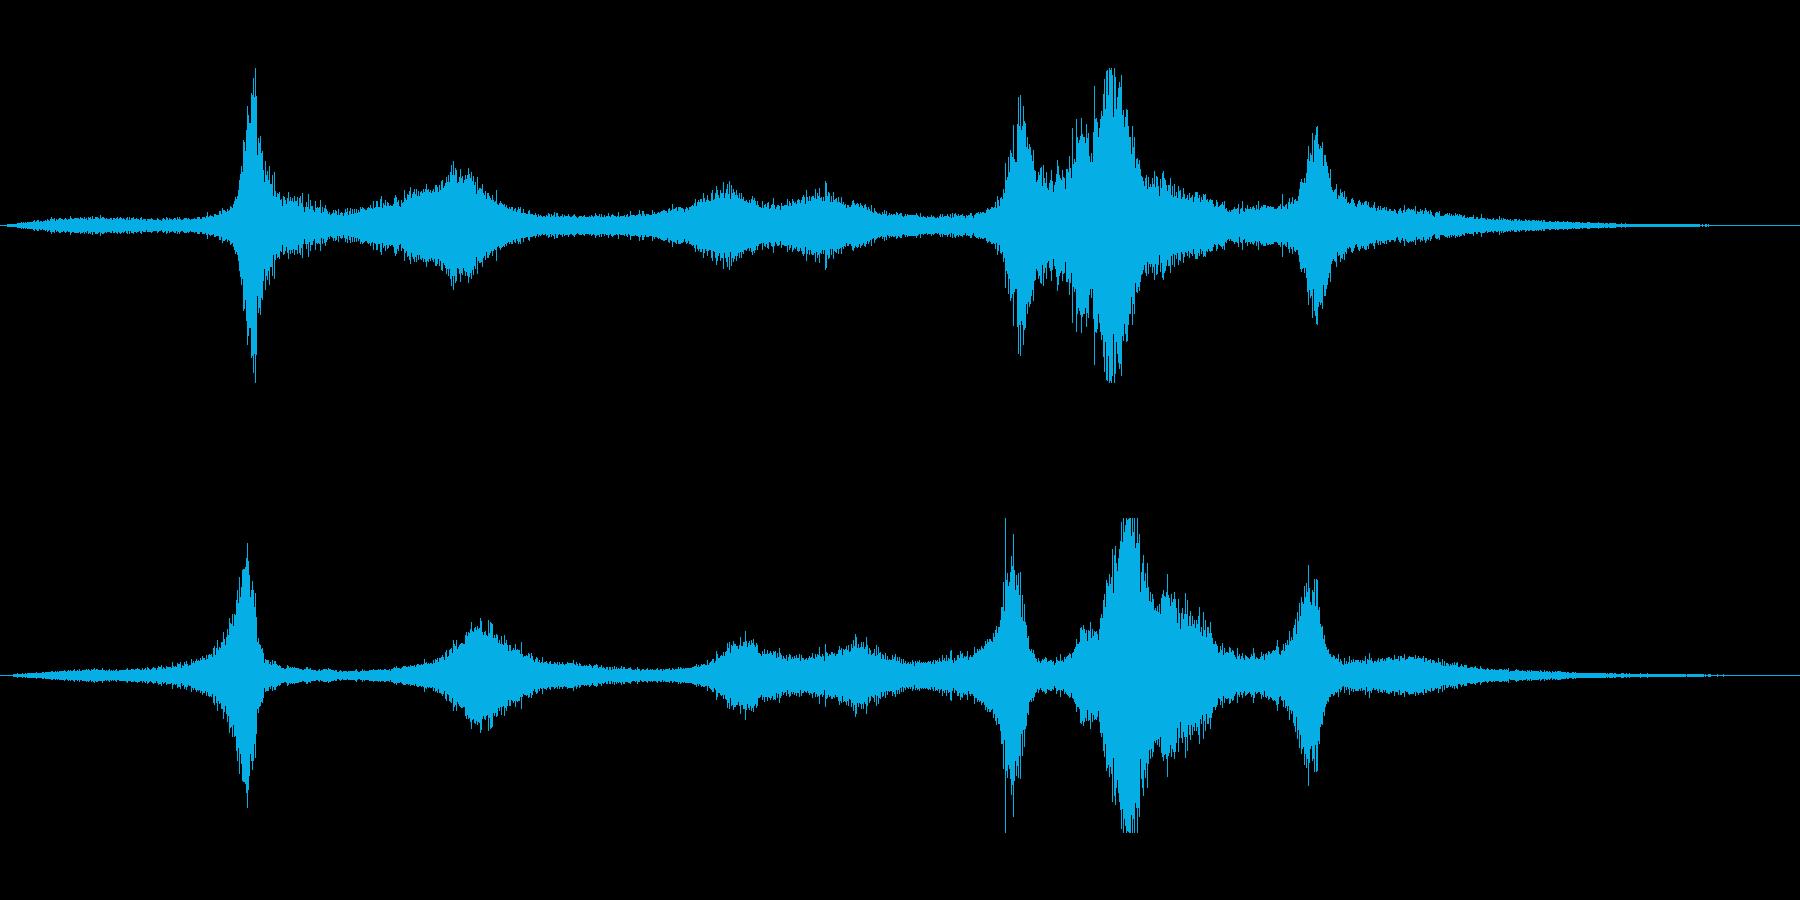 【生録音】 早朝の街 交通 環境音 12の再生済みの波形